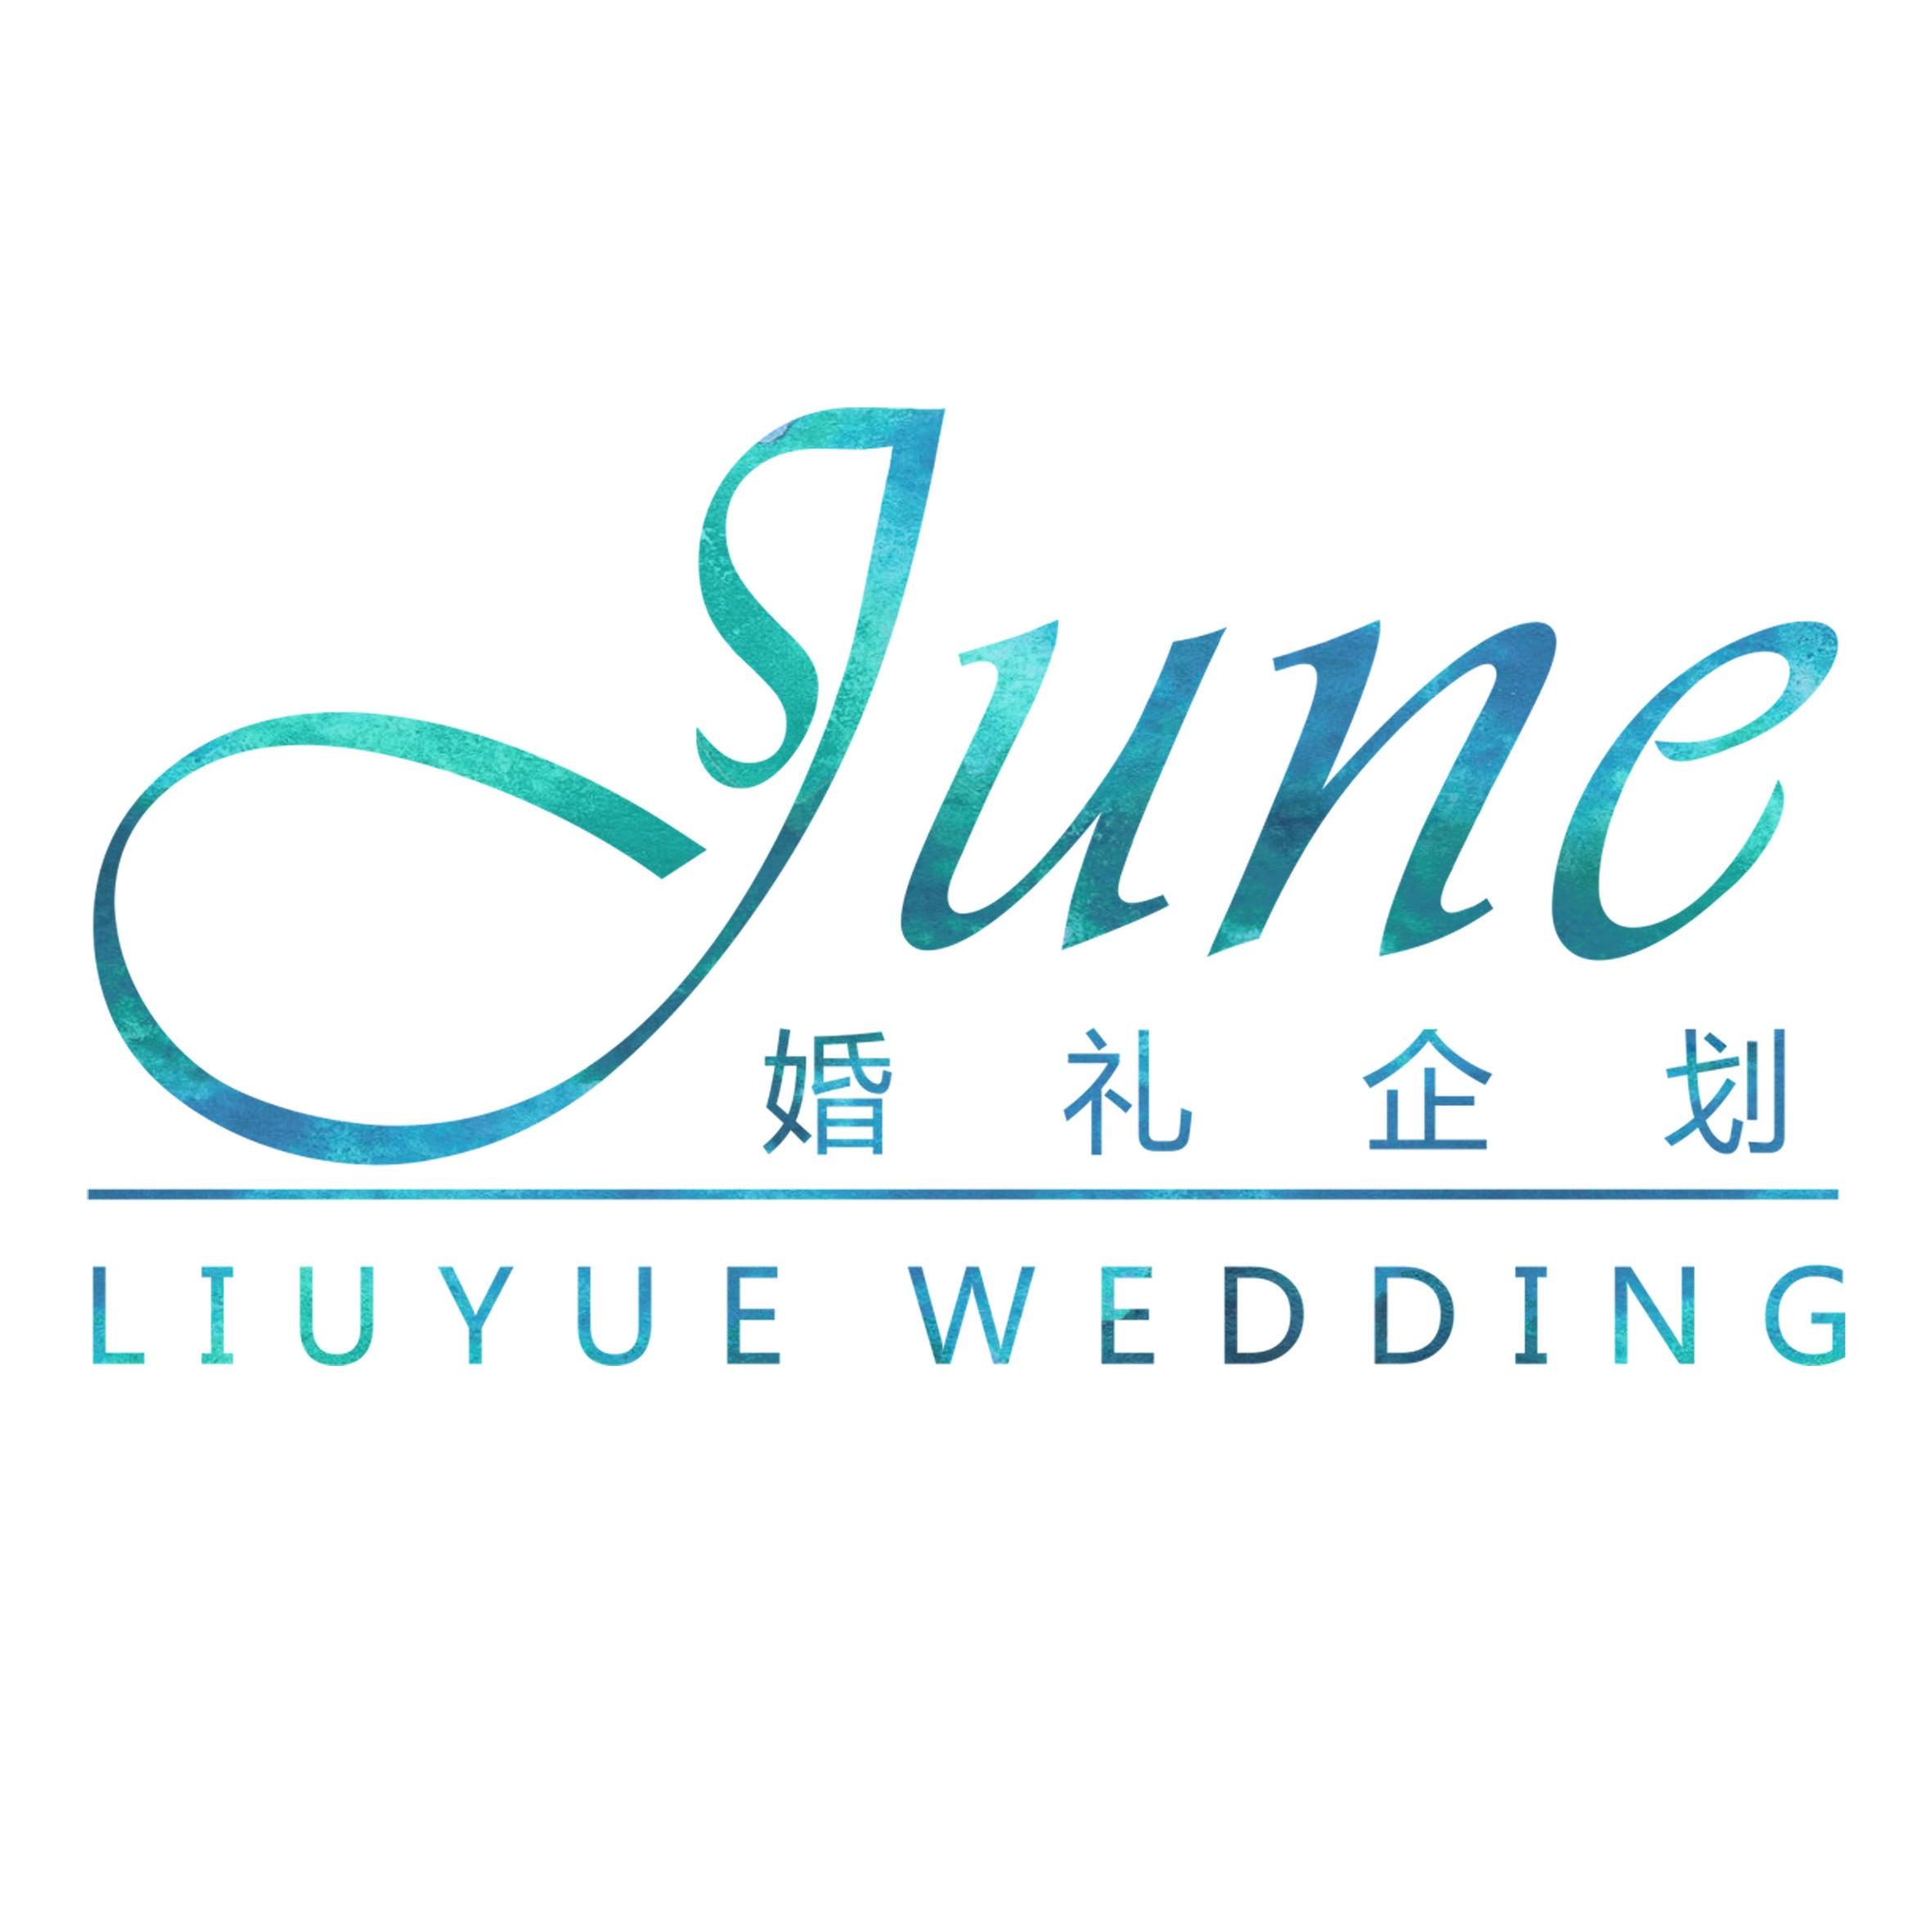 六月婚礼策划